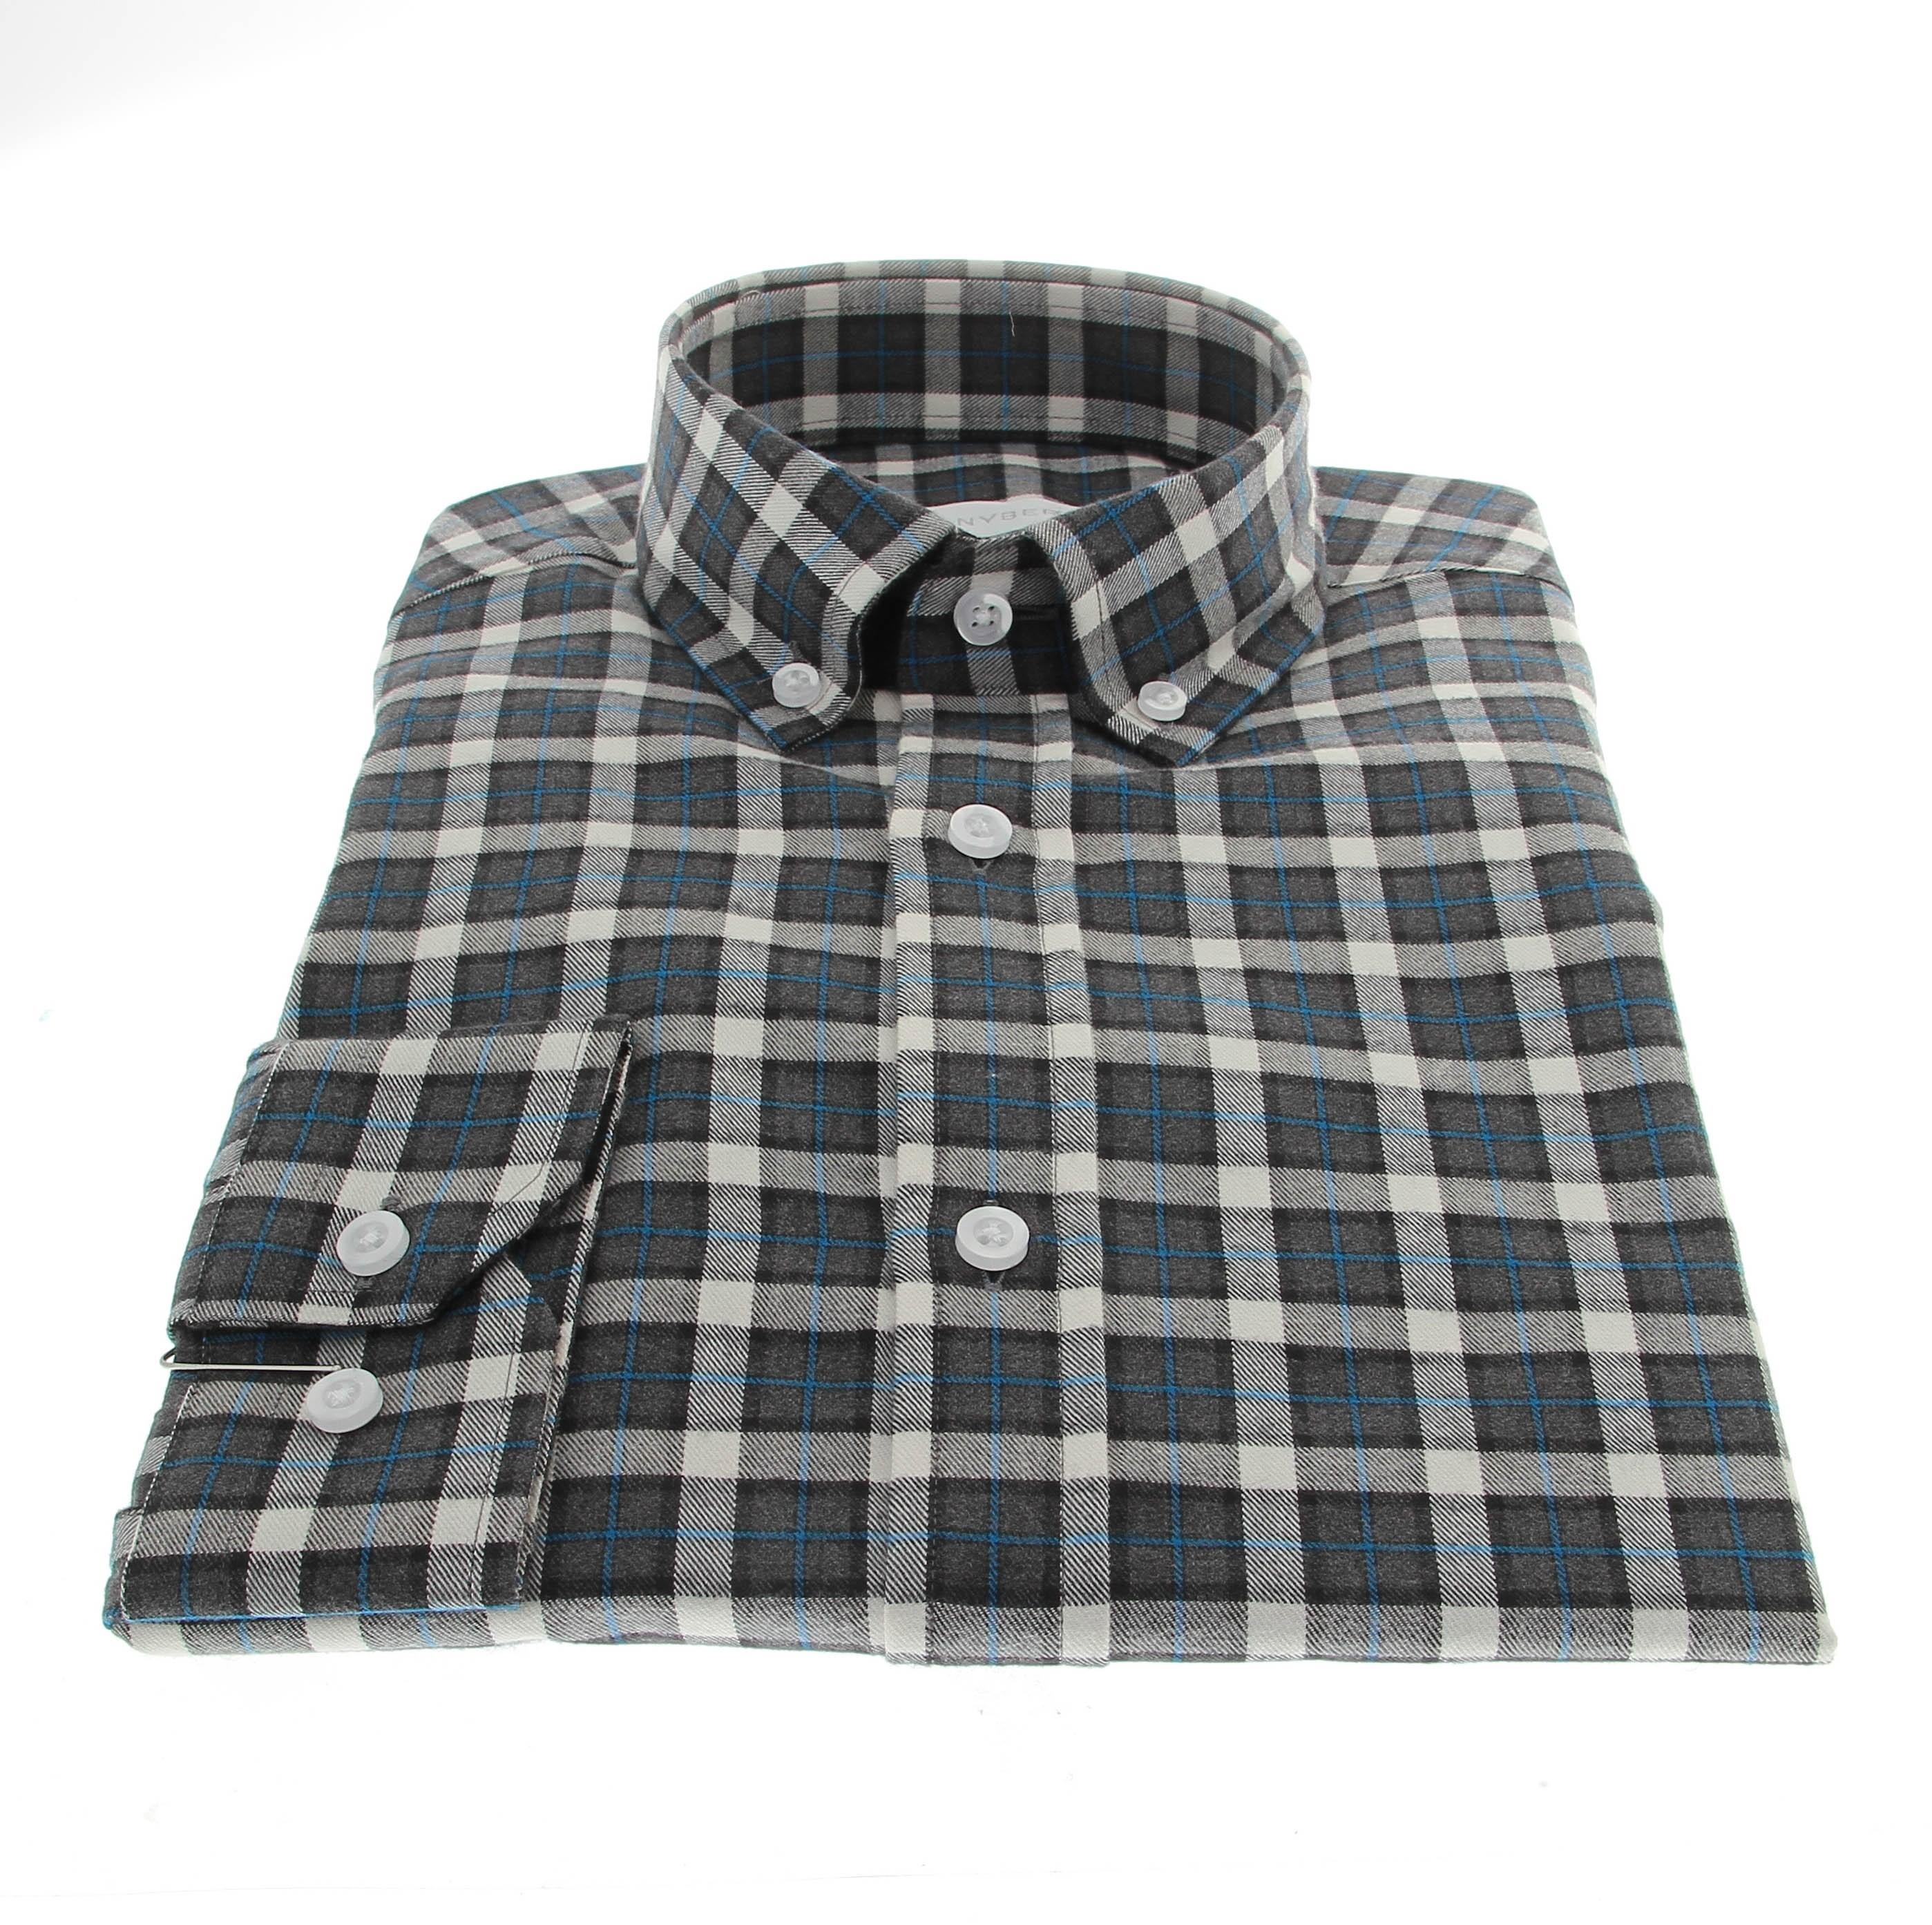 Chemise Winter Vermont : Carreaux gris-blanc et liseret indigo  - Col boutonné - 100% Coton